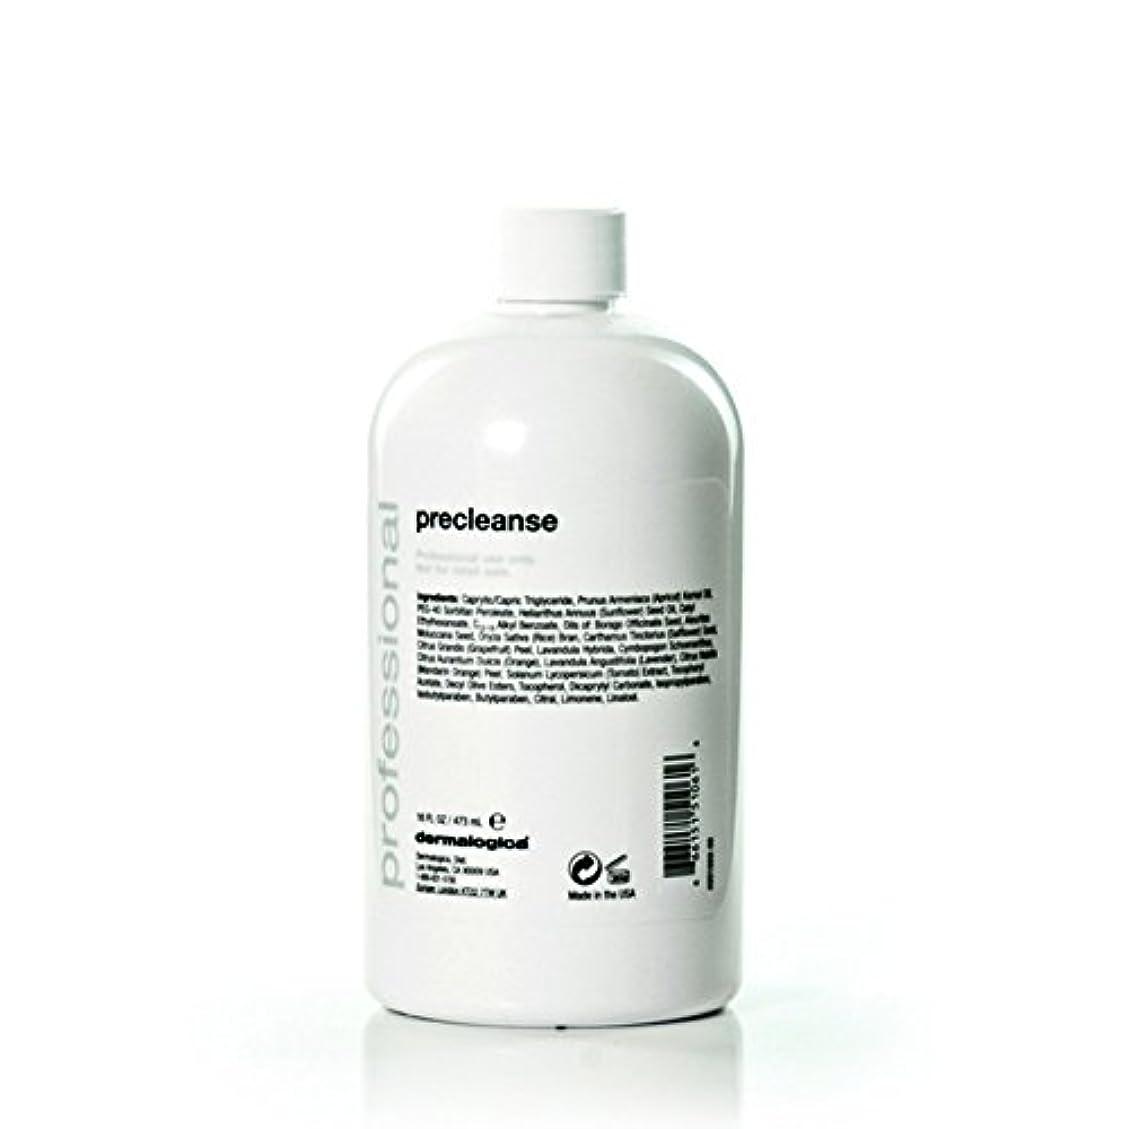 放課後車くまダーマロジカ PreCleanse PRO (Salon Size) 473ml/16oz並行輸入品